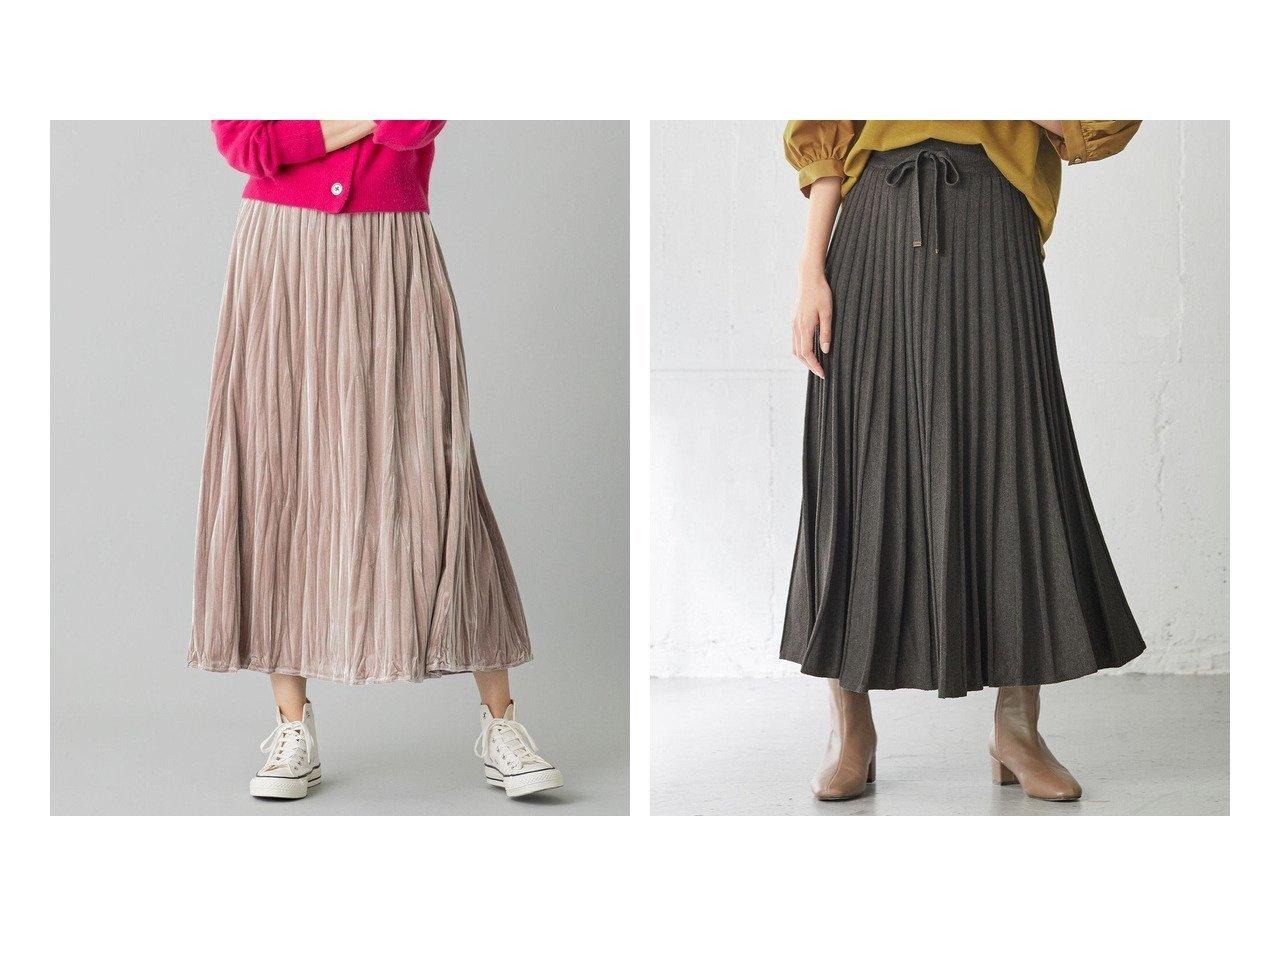 【KUMIKYOKU/組曲】のワッシャーベロア ロング スカート&【any FAM/エニィファム】の【ウエストゴム】ニットプリーツ スカート 【スカート】おすすめ!人気、トレンド・レディースファッションの通販 おすすめで人気の流行・トレンド、ファッションの通販商品 インテリア・家具・メンズファッション・キッズファッション・レディースファッション・服の通販 founy(ファニー) https://founy.com/ ファッション Fashion レディースファッション WOMEN スカート Skirt プリーツスカート Pleated Skirts 送料無料 Free Shipping プリーツ リボン 無地 2021年 2021 2021-2022秋冬・A/W AW・Autumn/Winter・FW・Fall-Winter・2021-2022 A/W・秋冬 AW・Autumn/Winter・FW・Fall-Winter おすすめ Recommend シャンブレー シルバー ストレッチ スニーカー トレンド ベロア ロング ワッシャー 今季 |ID:crp329100000070212